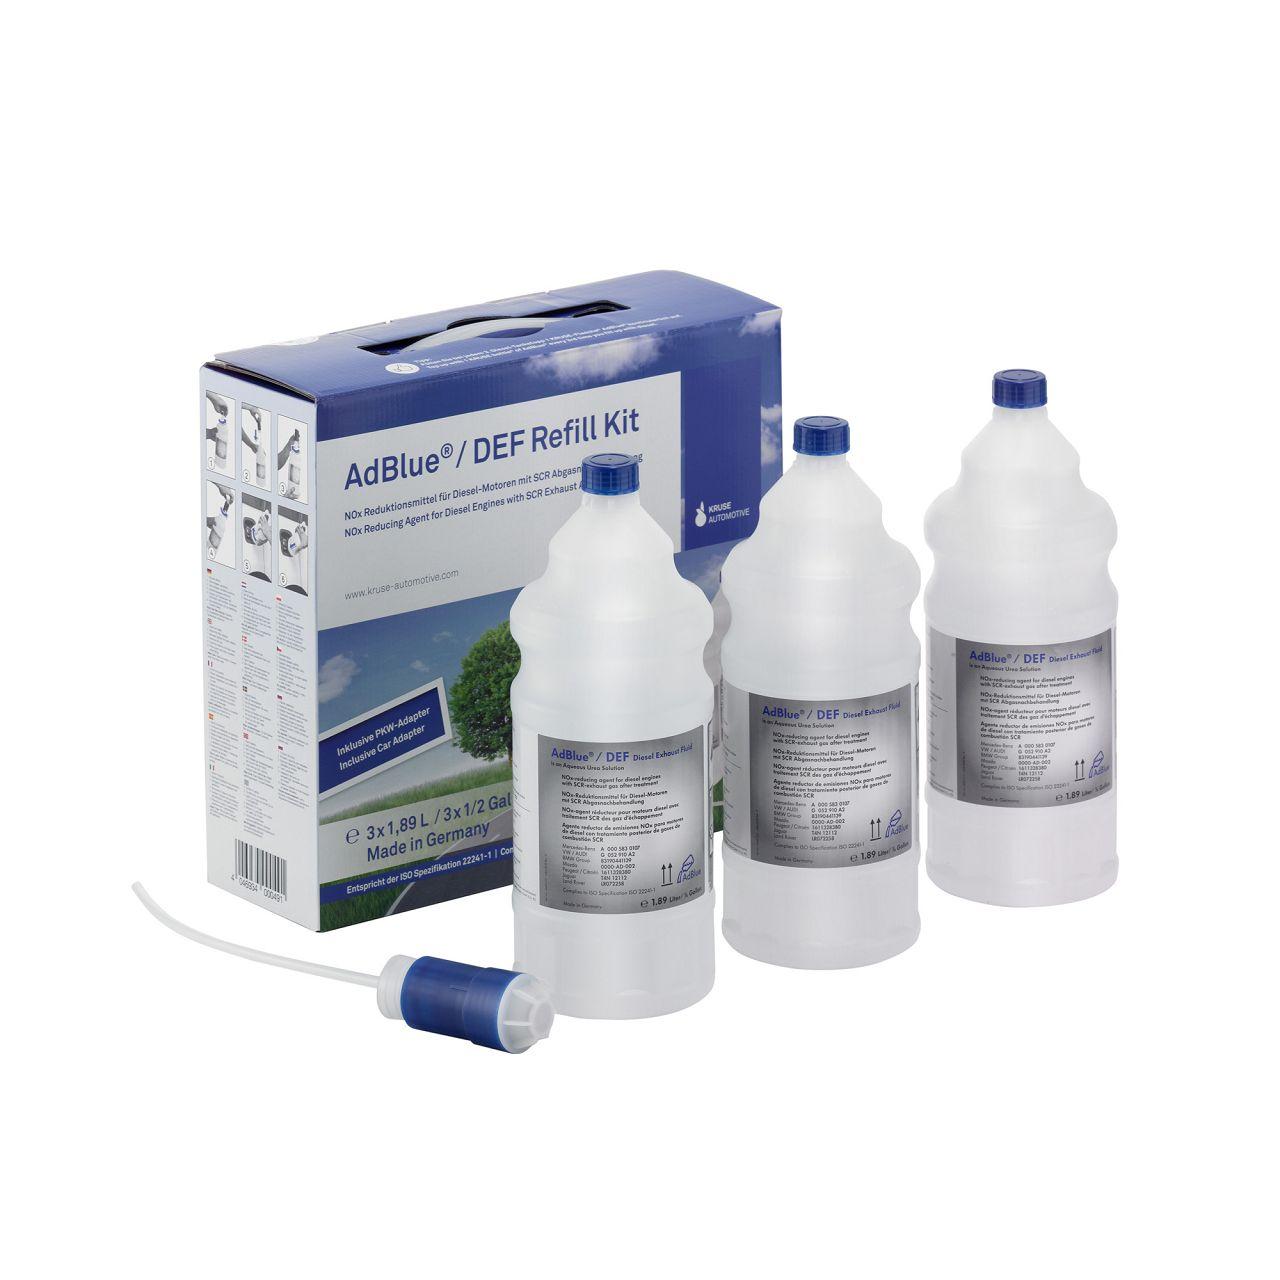 AdBlue® NOX-Reduktionsmittel Harnstoff Refill Kit 3x 1,89 Liter inkl. Adapter